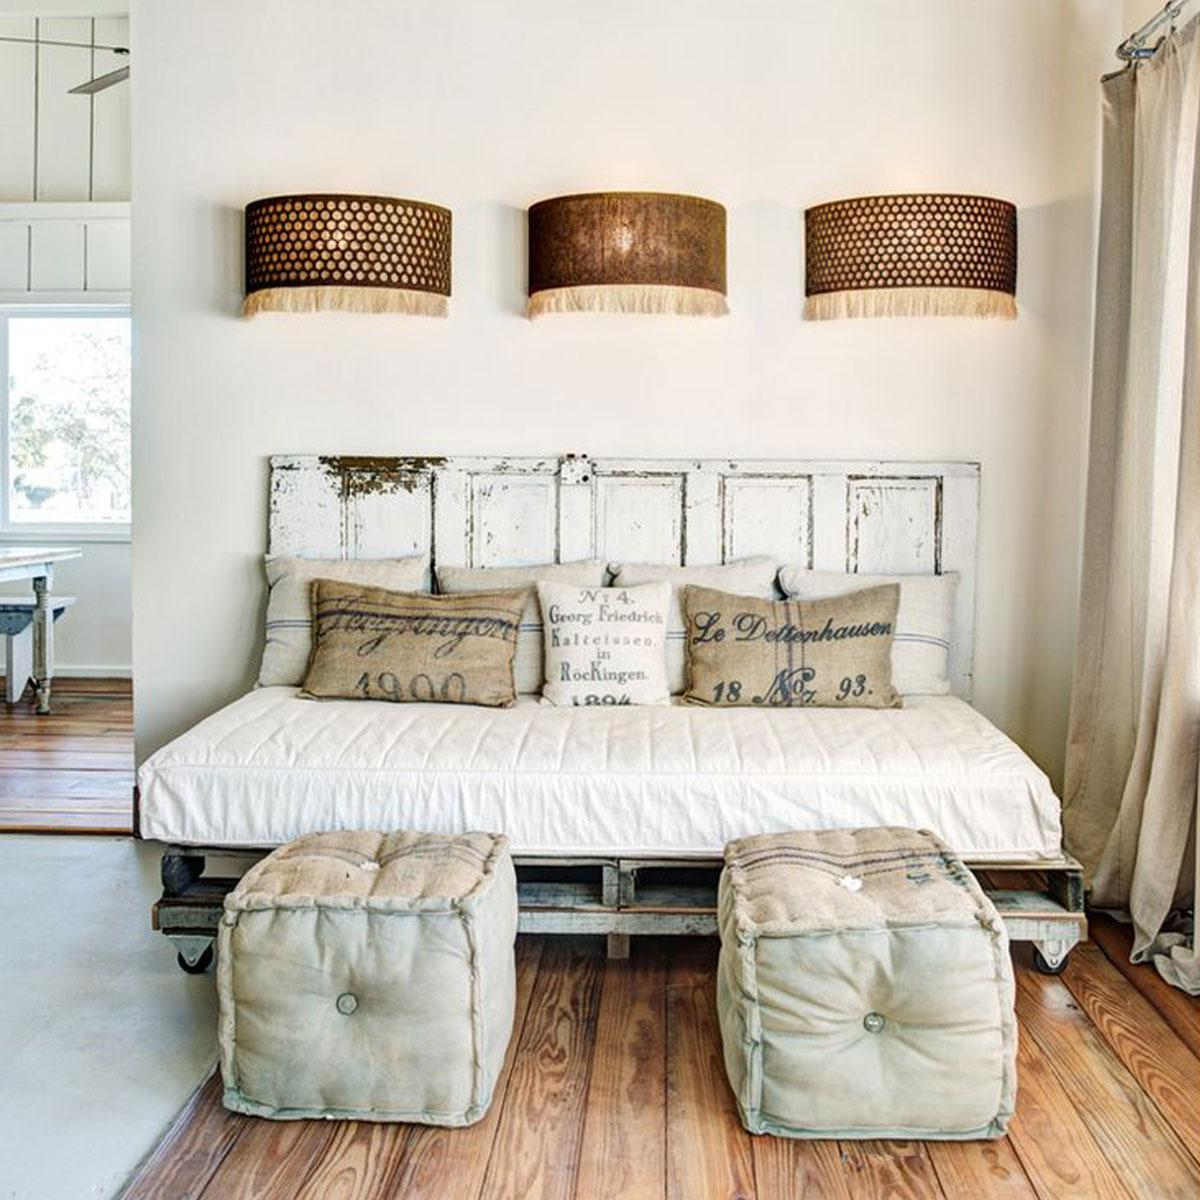 Deco tete de lit a faire soi meme - Tete de lit capitonnee fait maison ...